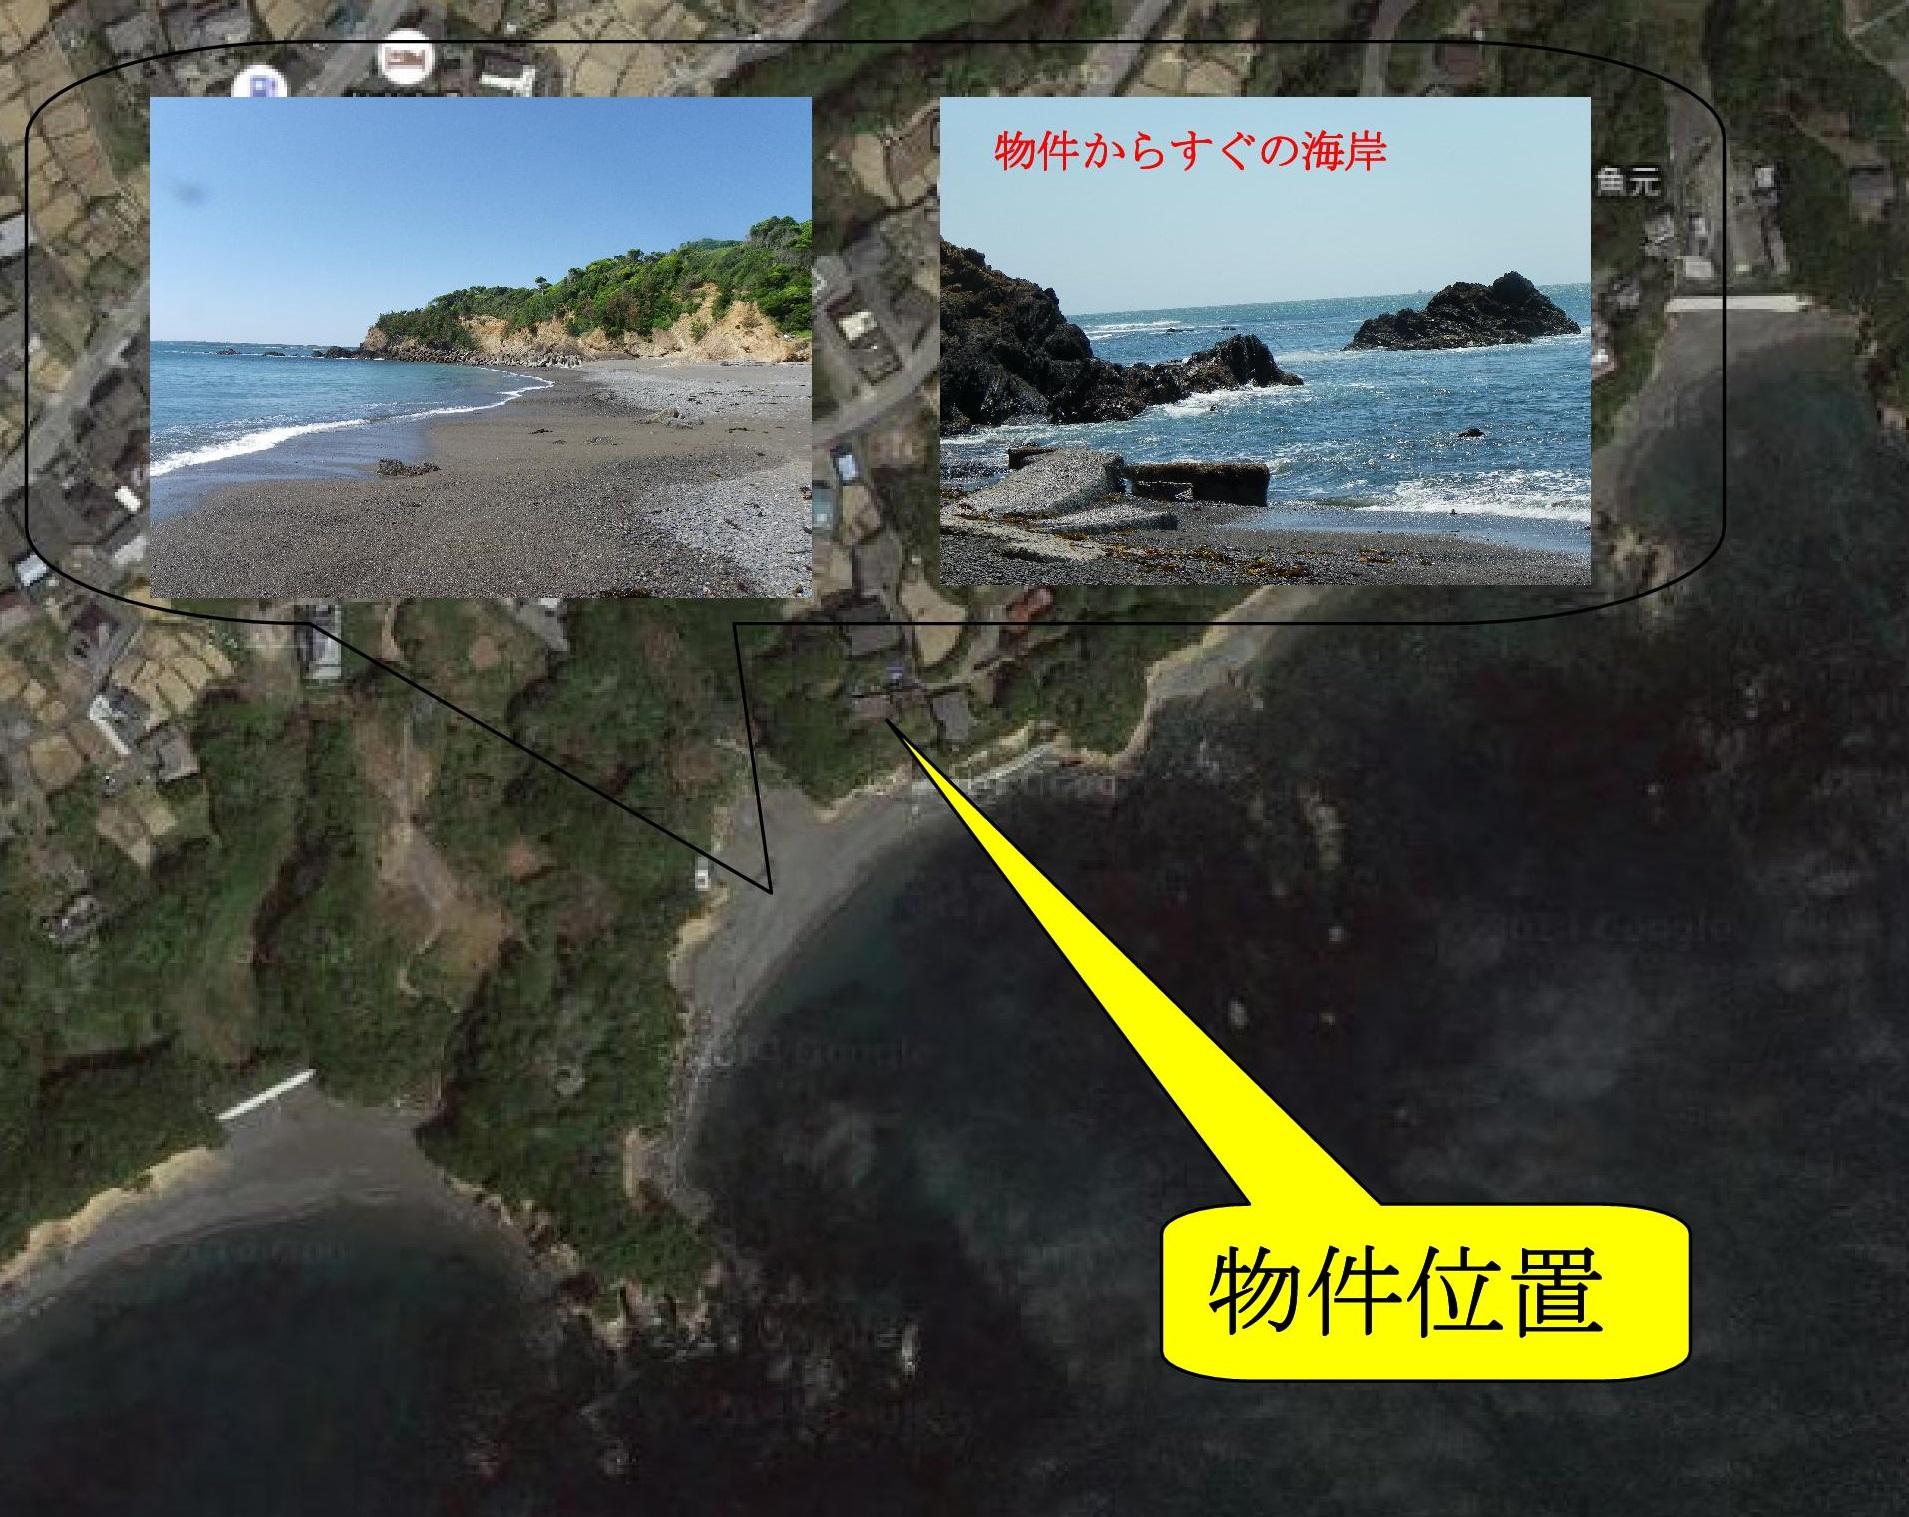 ◆絶景海岸すぐの海一望高台住宅建築可能用地◆ ◎絶景海岸すぐの海一望高台住宅建築可能用地◎